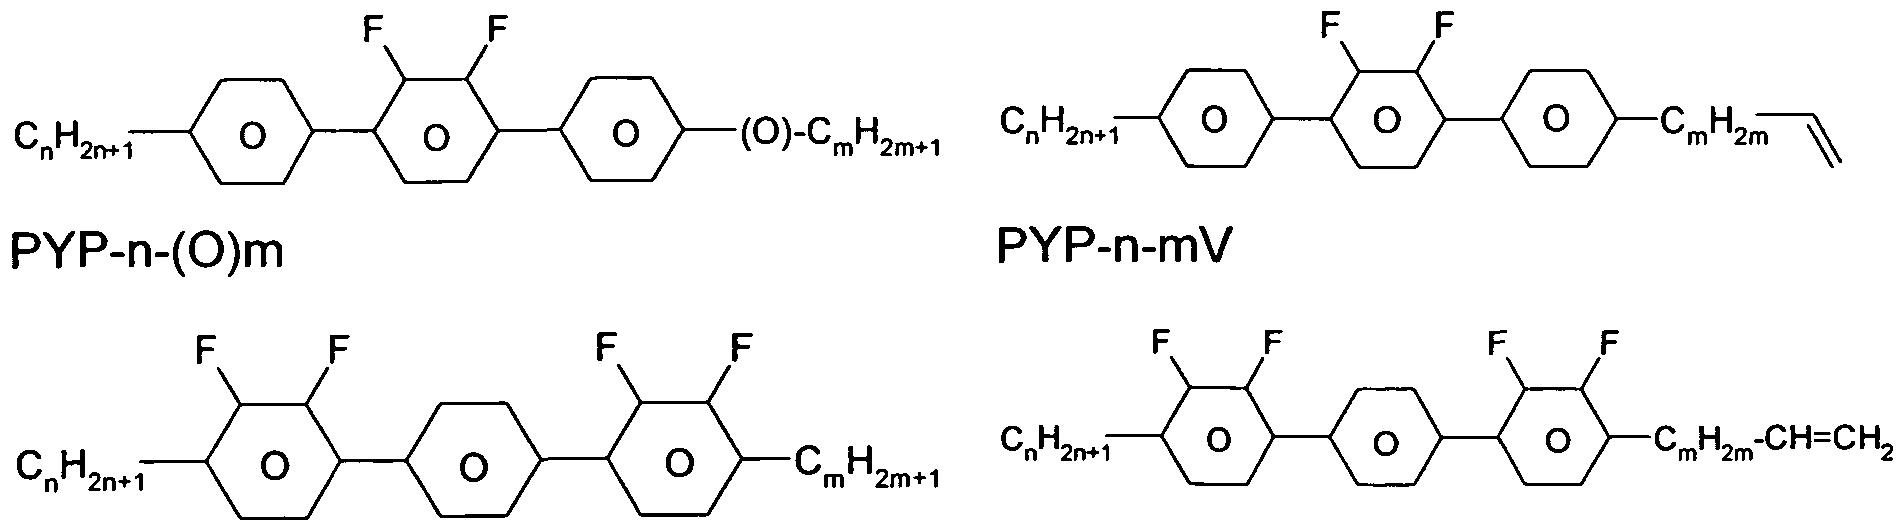 Figure imgf000131_0006